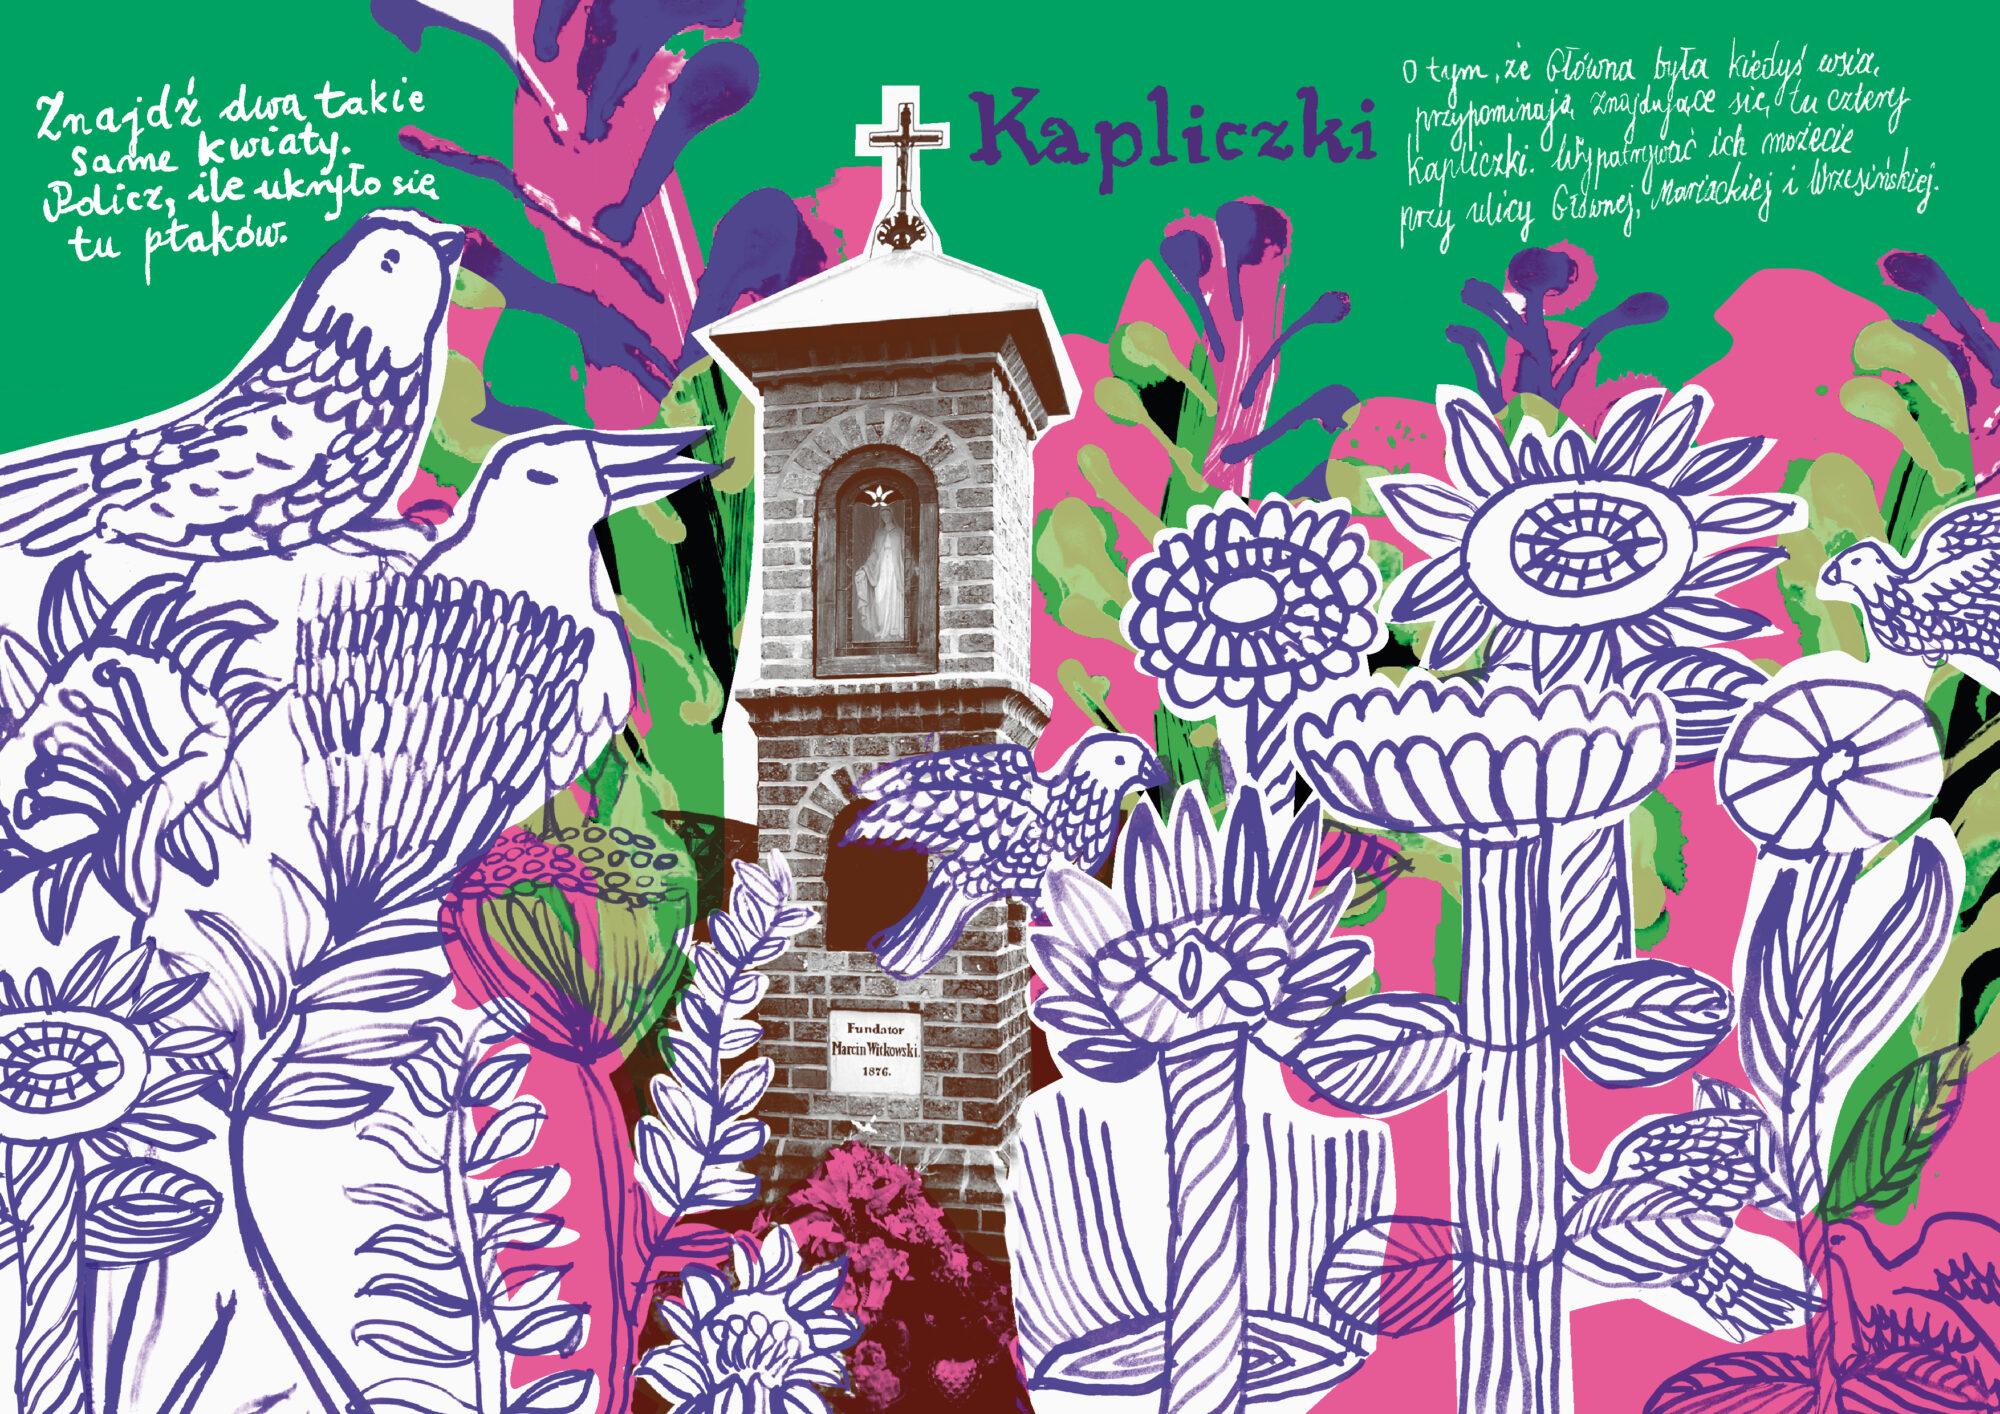 kolorowanka mazanka o kapliczkach na Głównej autorka Anna Kaźmierak